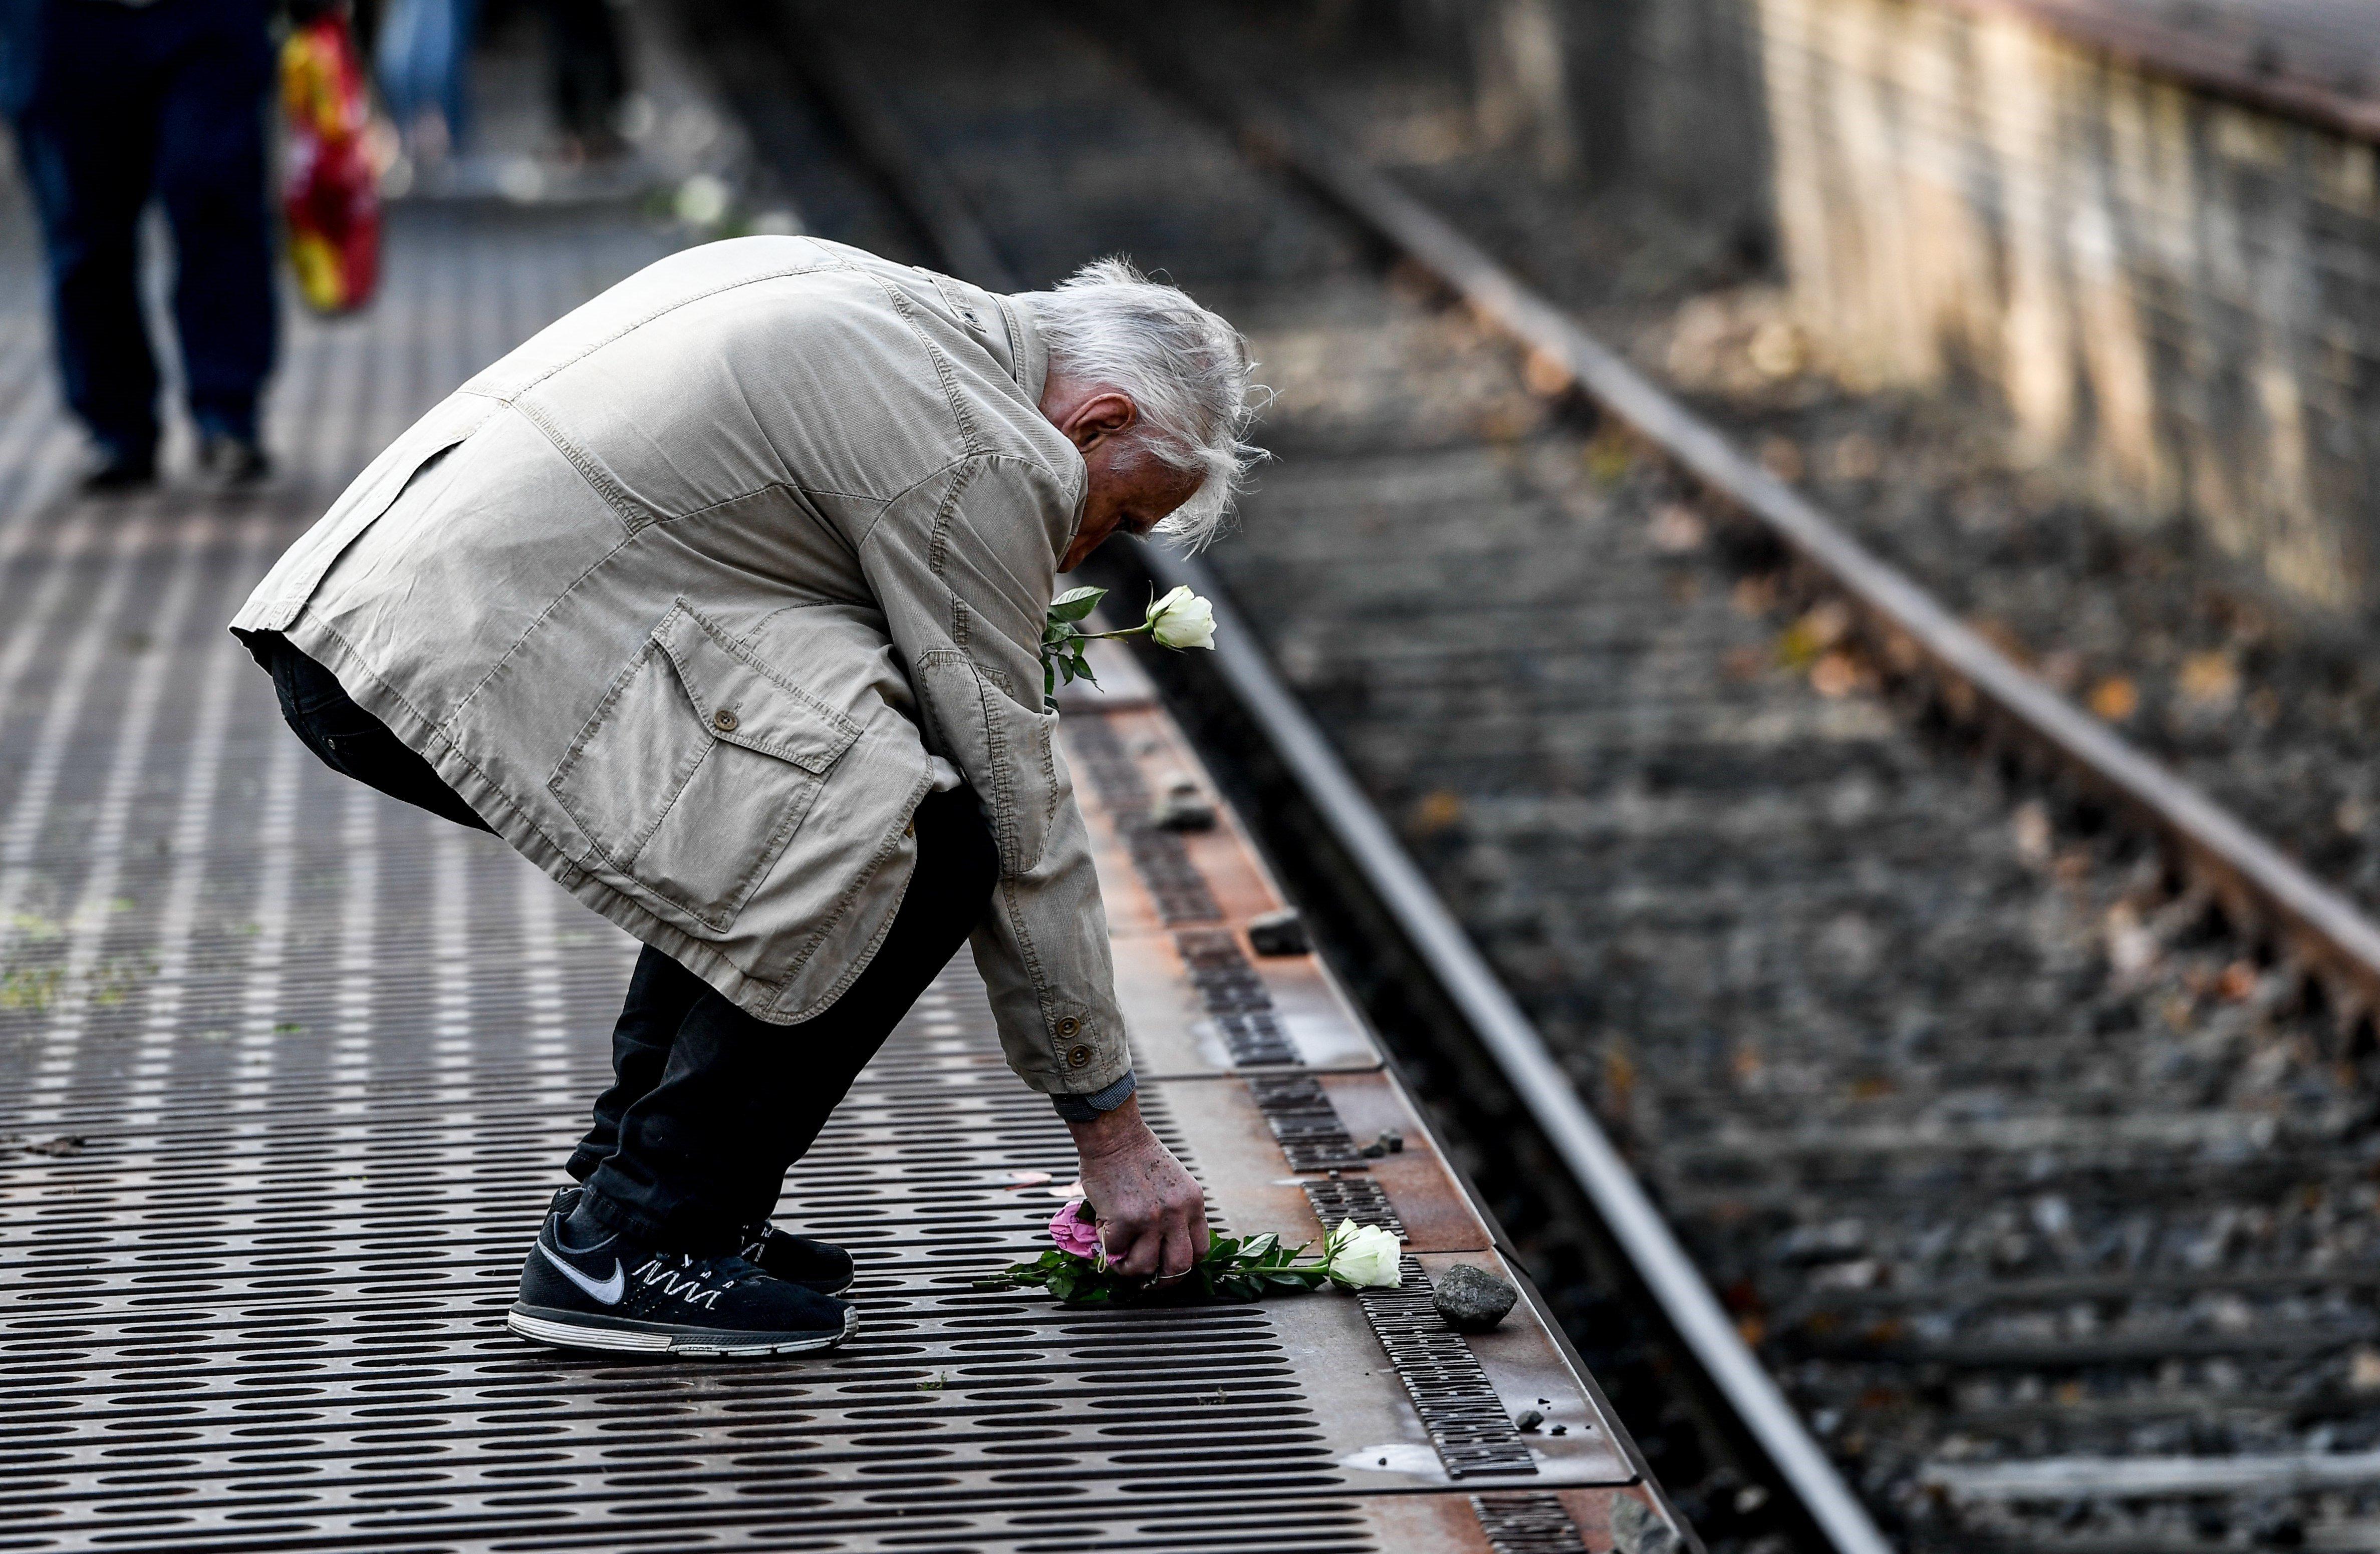 Commemoració de l'Holocaust Jueu a Berlín. /FILIP SINGER